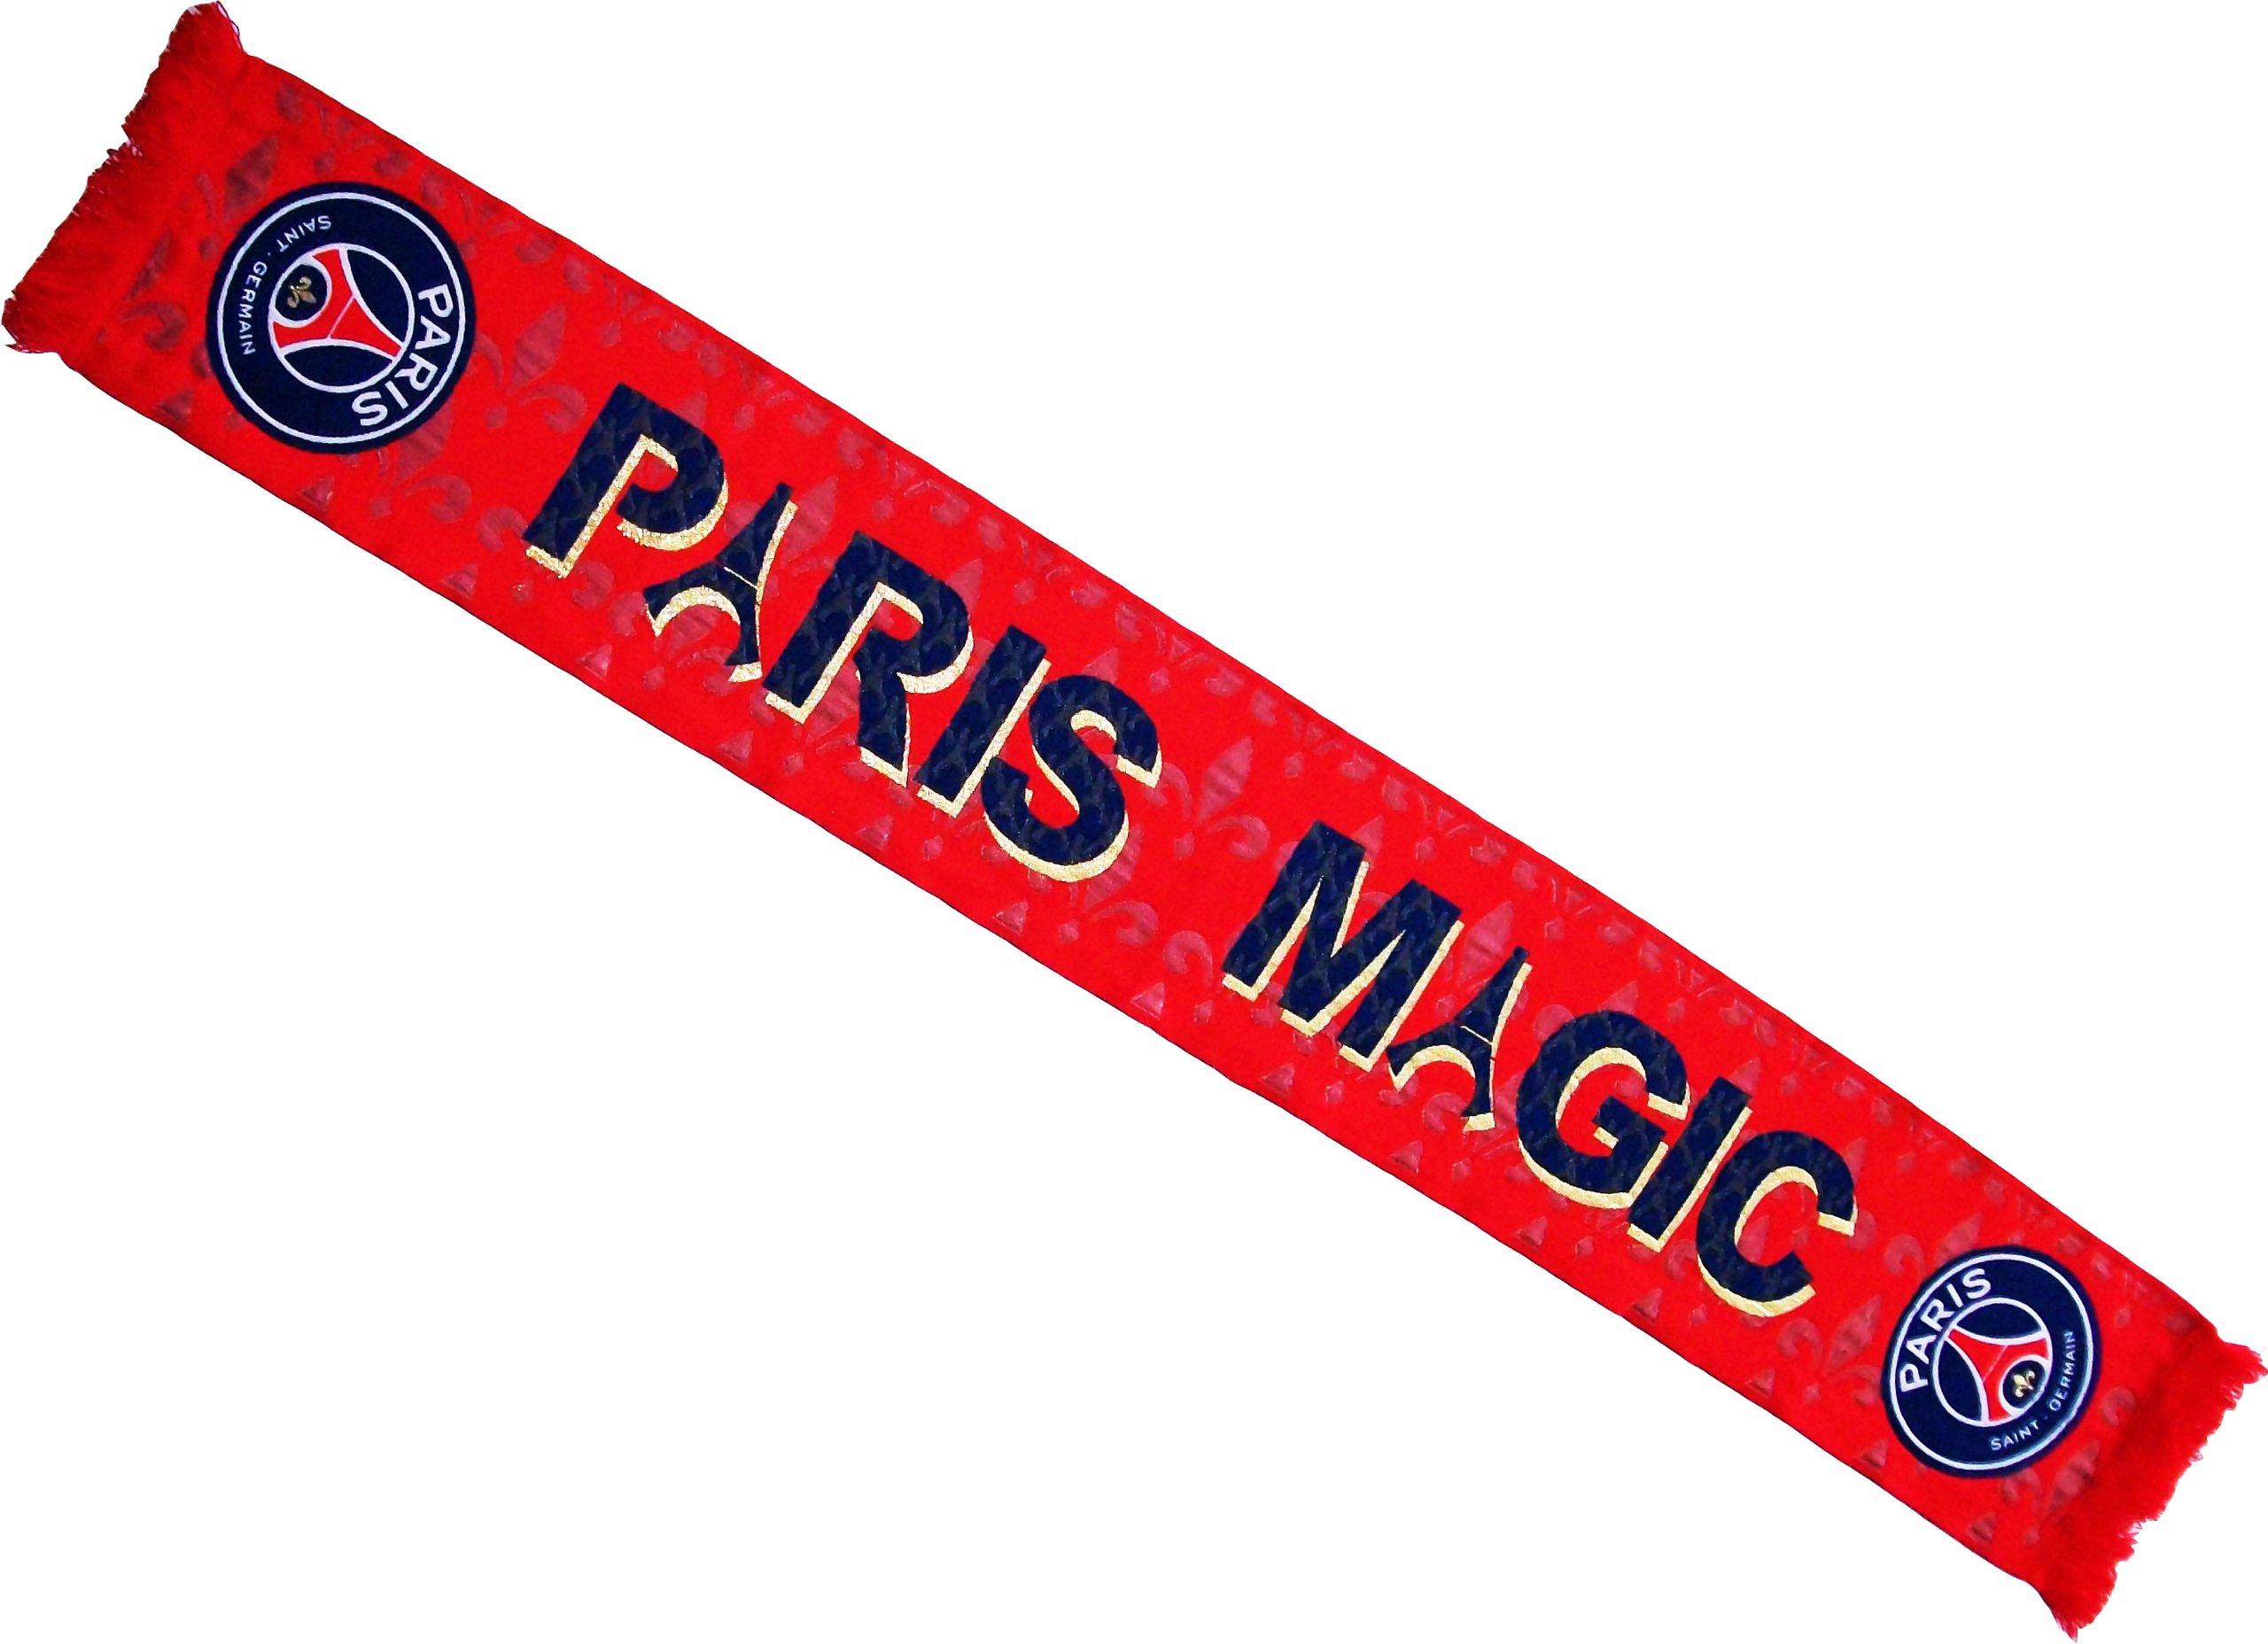 PSG–Sciarpa collezione ufficiale Paris Saint Germain–Calcio Lega 1